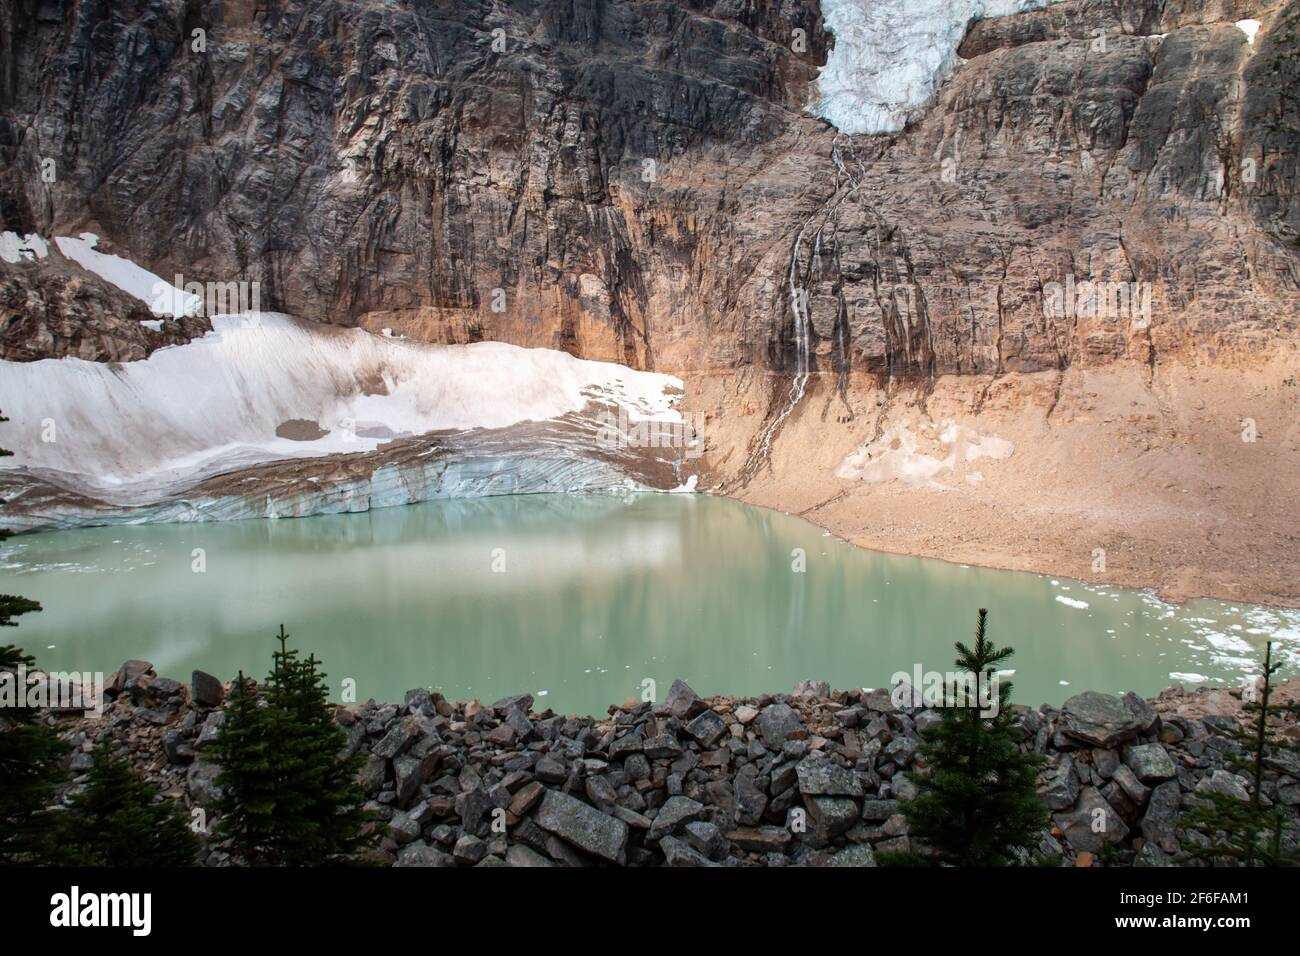 Piscina cubierta por el glaciar Esmeralda debajo del glaciar Angel, o Glaciar Ghost, desde la caminata por Mount Edith Cavell Meadows en las montañas rocosas Canadienses en Jasper. Foto de stock